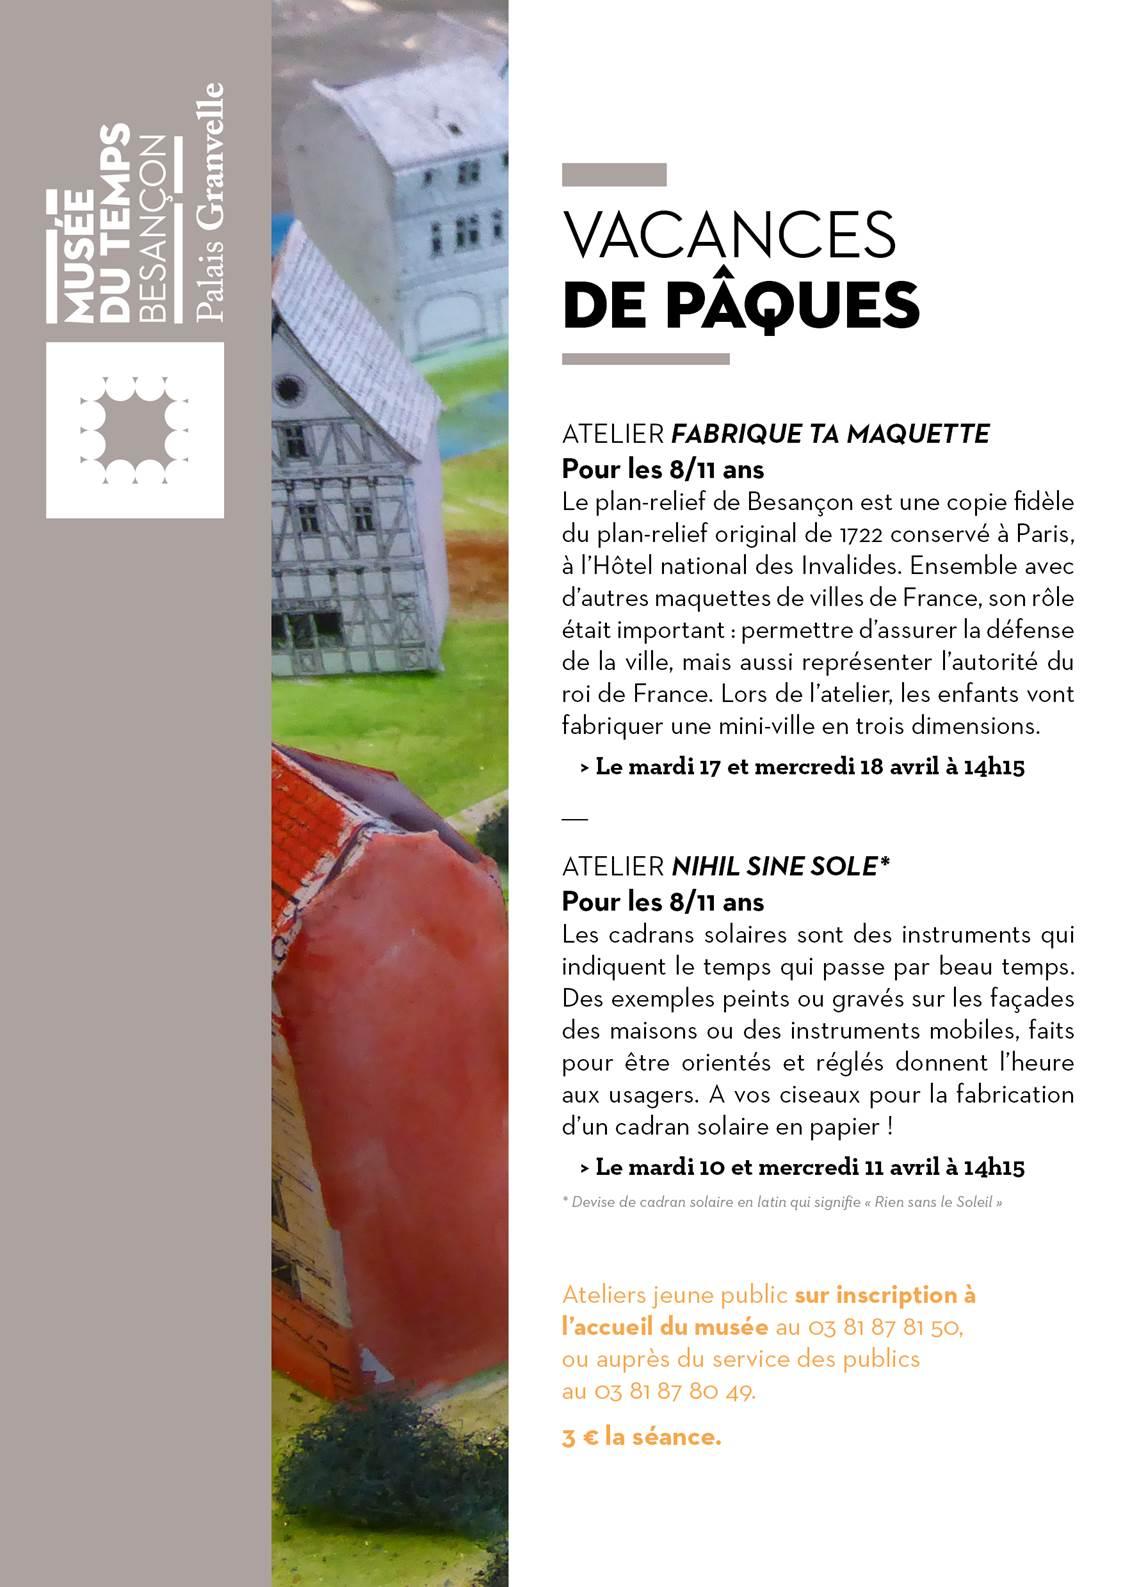 Vacances au Musée du Temps de Besançon